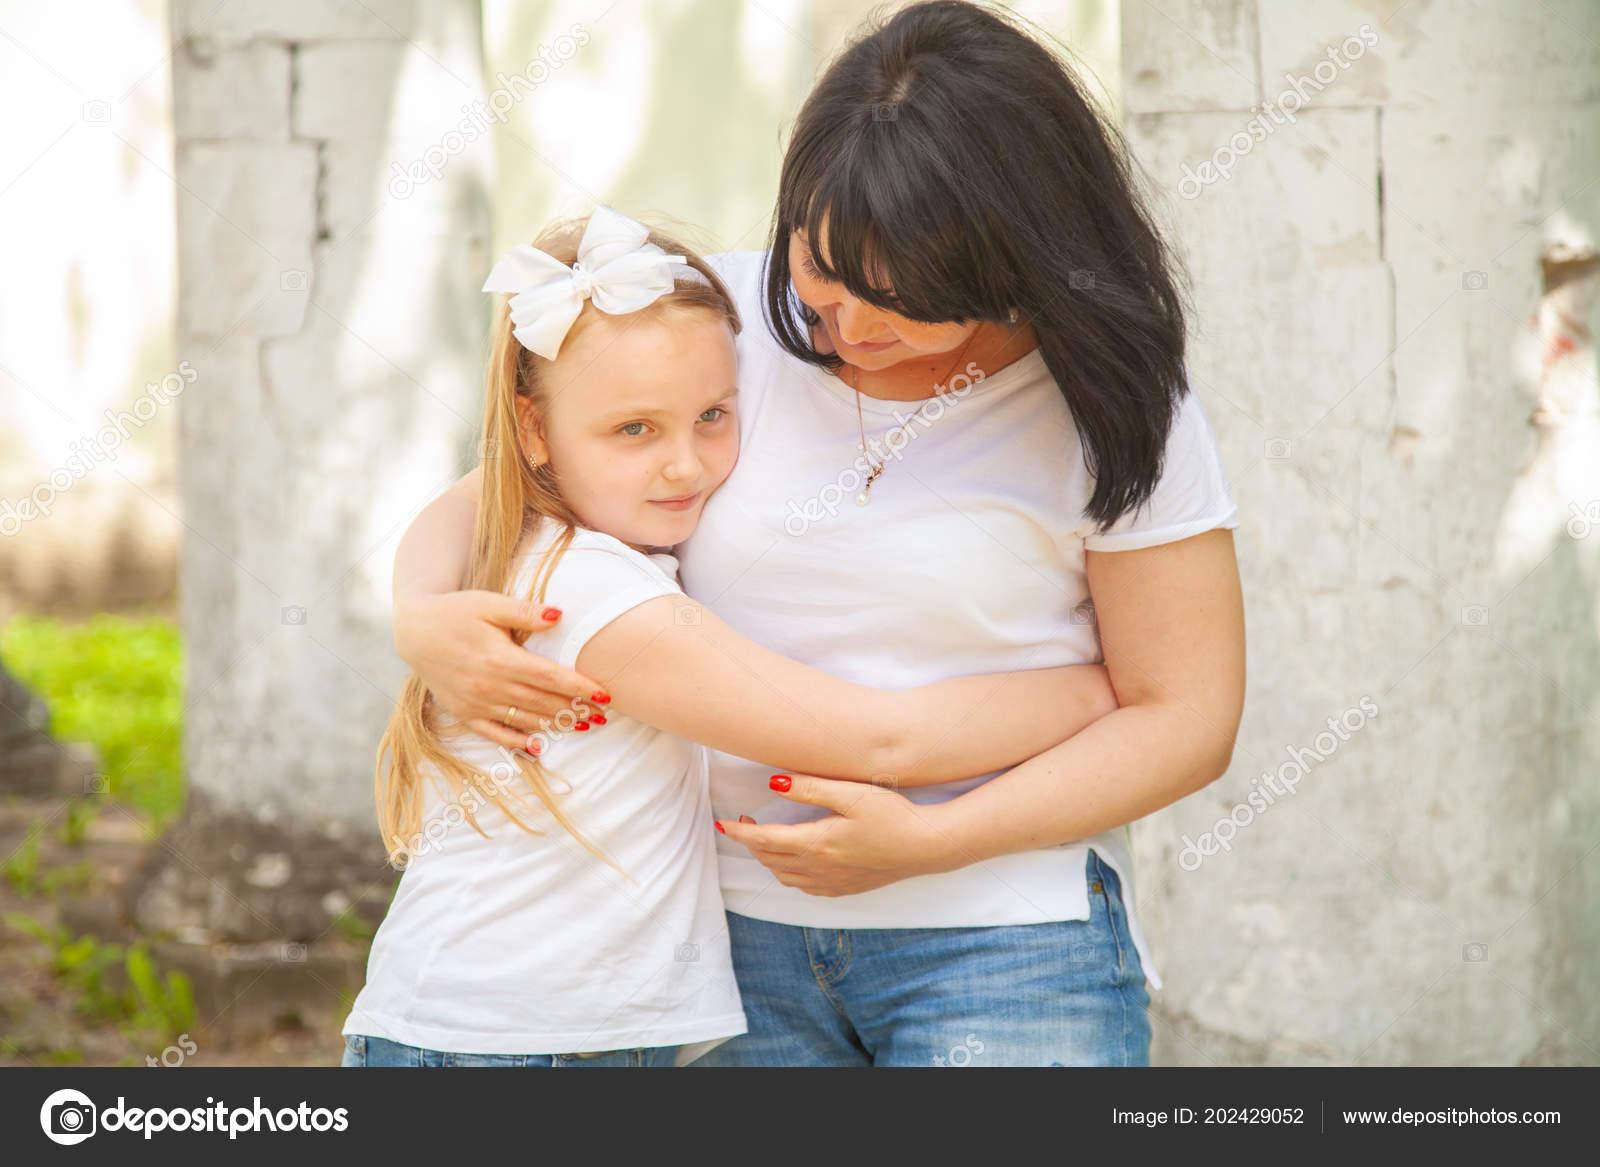 Фото мамы и дочки без лица, Мамы и дочки (19 фото) 22 фотография